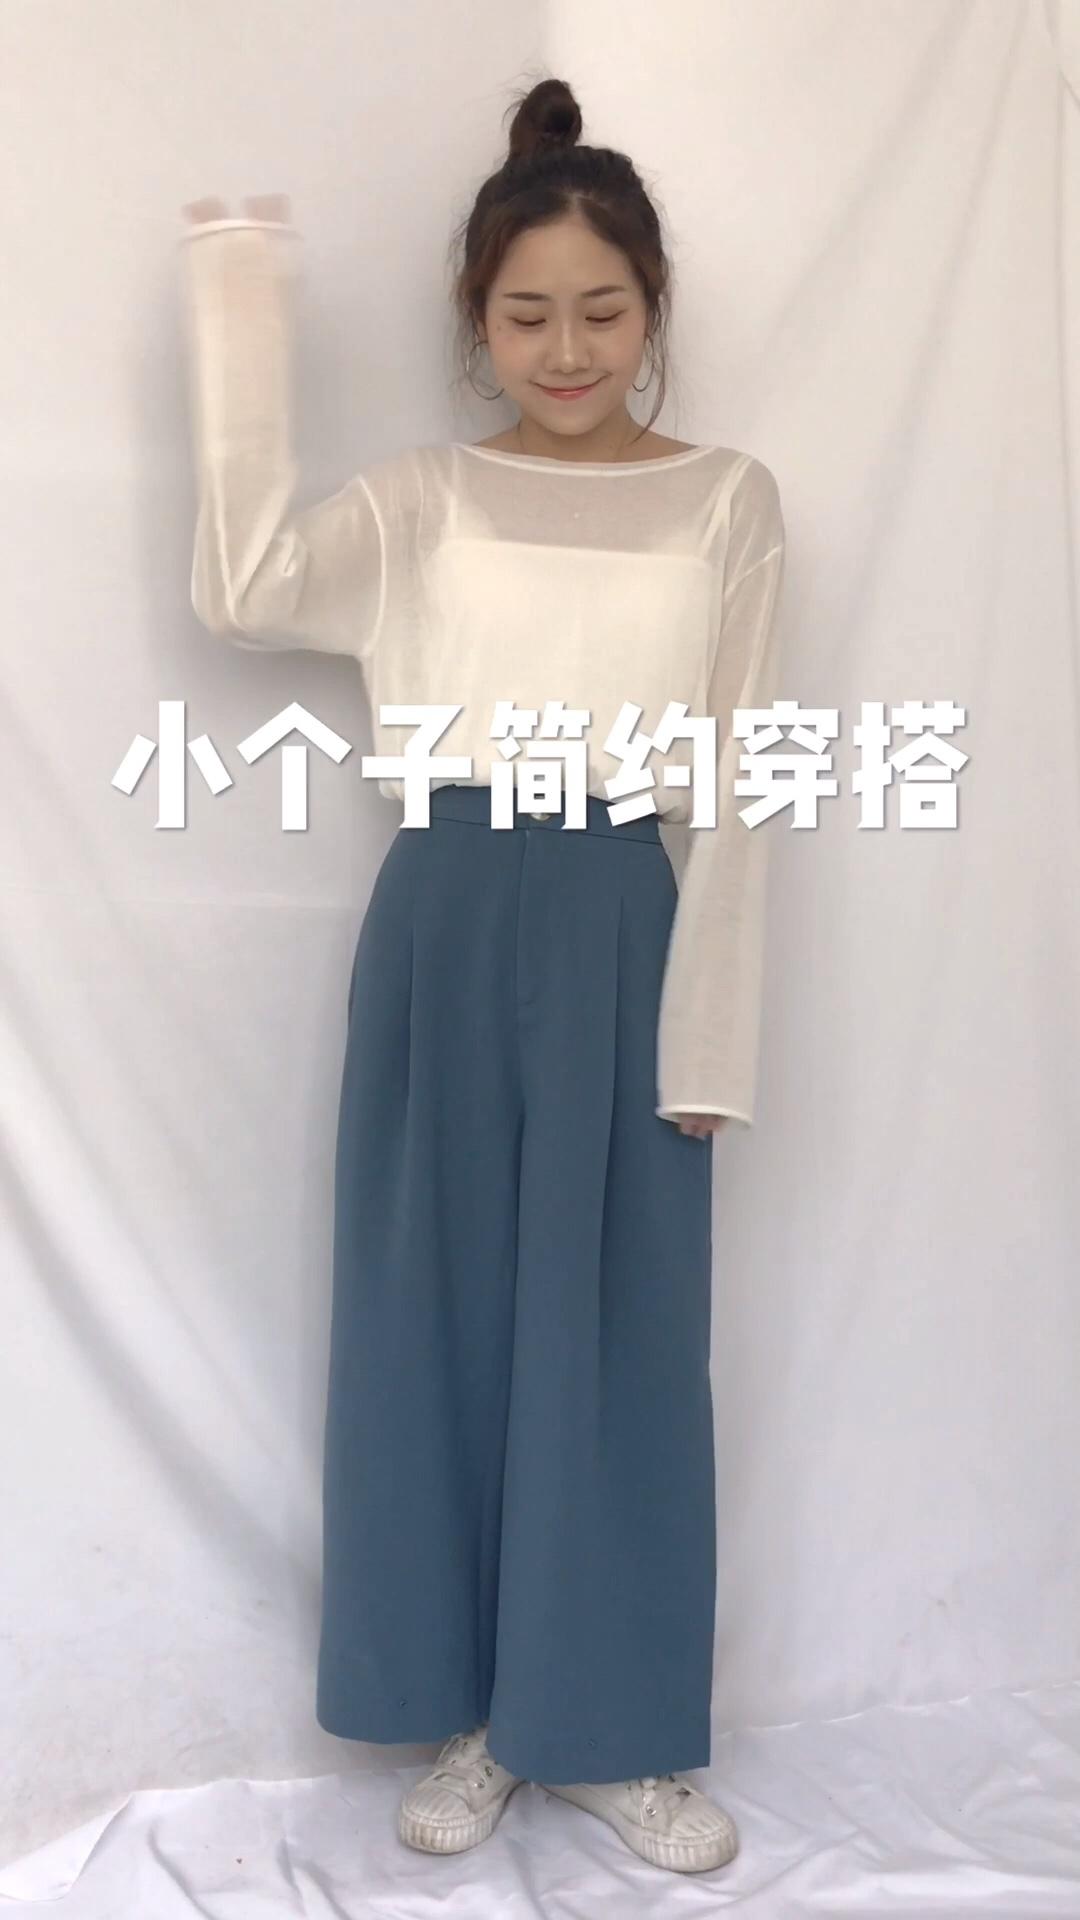 #跟我穿,1秒隐藏不完美身形!#  👧:155cm|80斤 ✍️:这套真的绝了!配色太美,上衣是仿针织的,稍微有点透。裤子是松石蓝的,超级有垂坠感的一条,而且还可以两穿!!裤子可以变成小裤脚,设计太棒啦!